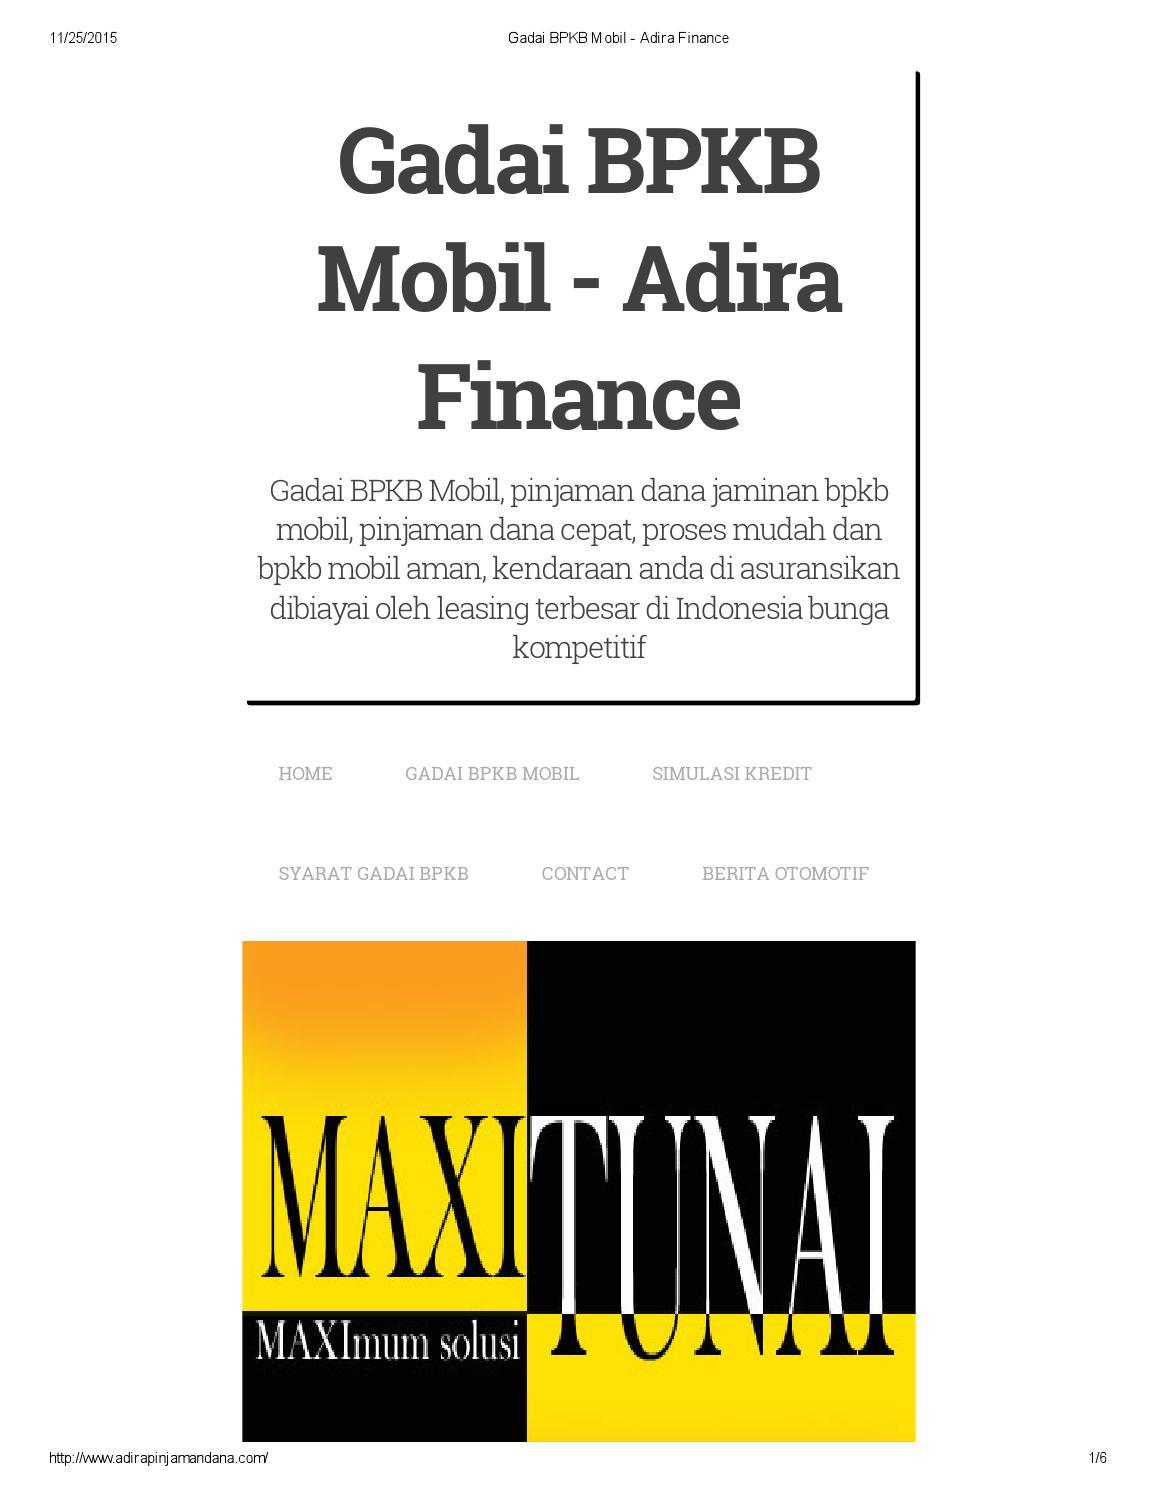 Gadai bpkb mobil adira finance by Admin - Issuu